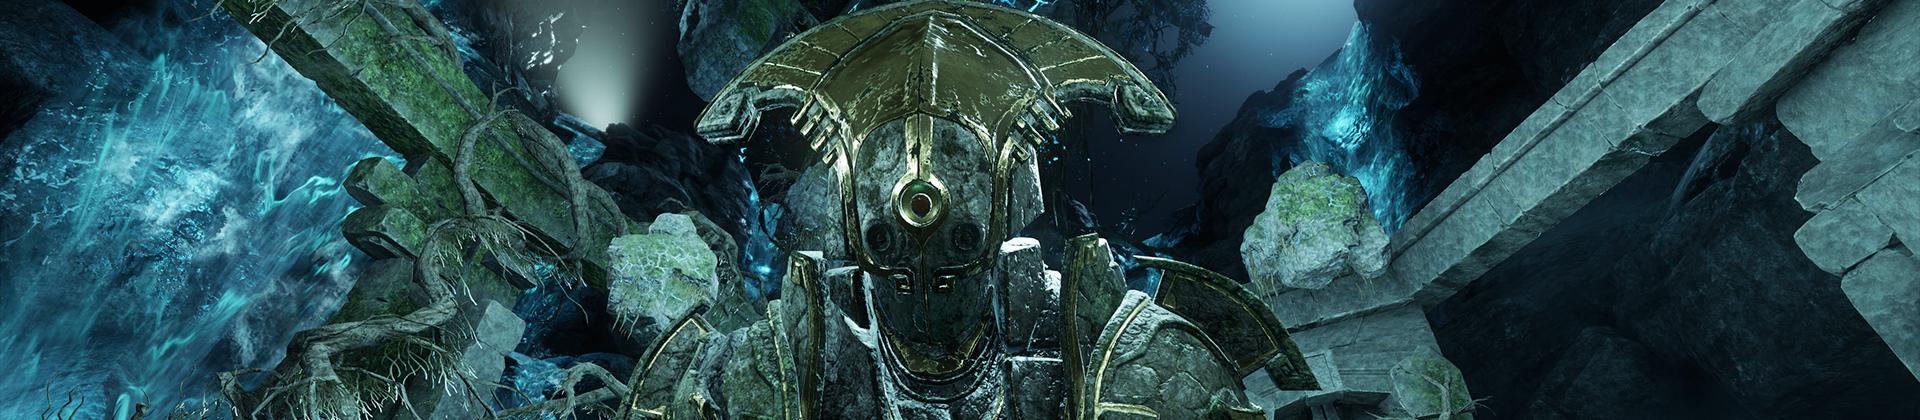 Ein Screenshot von New World, der eine riesige, aus Stein gehauene Gestalt zeigt. Sie lehnt mit den gewaltigen Fäusten am Boden über einer blaugrünen Arena, und nur ihr Oberkörper ist sichtbar.